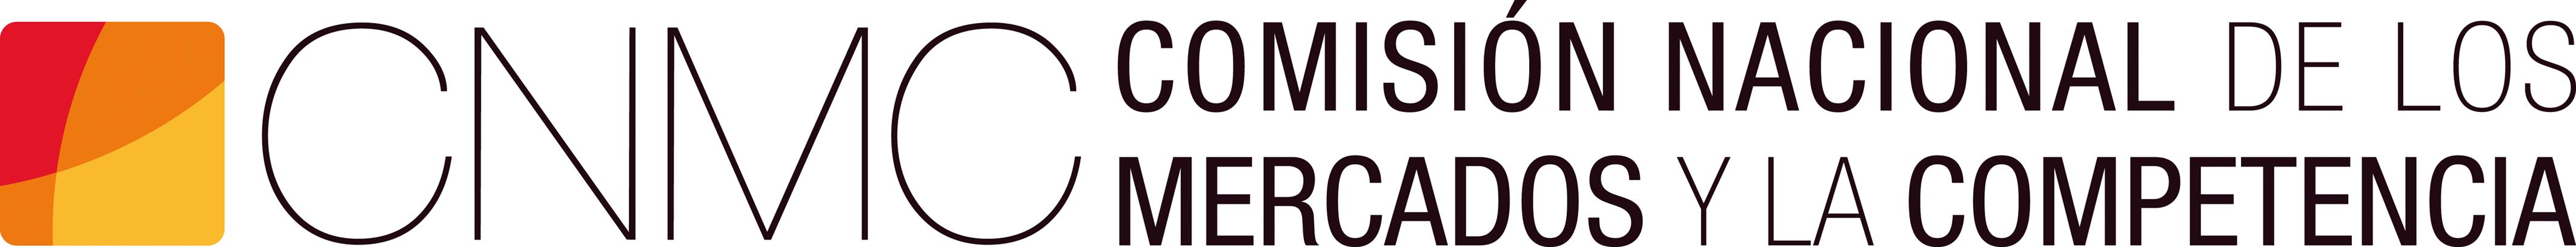 CNMC Comisión Nacional de los Mercados y la Competencia